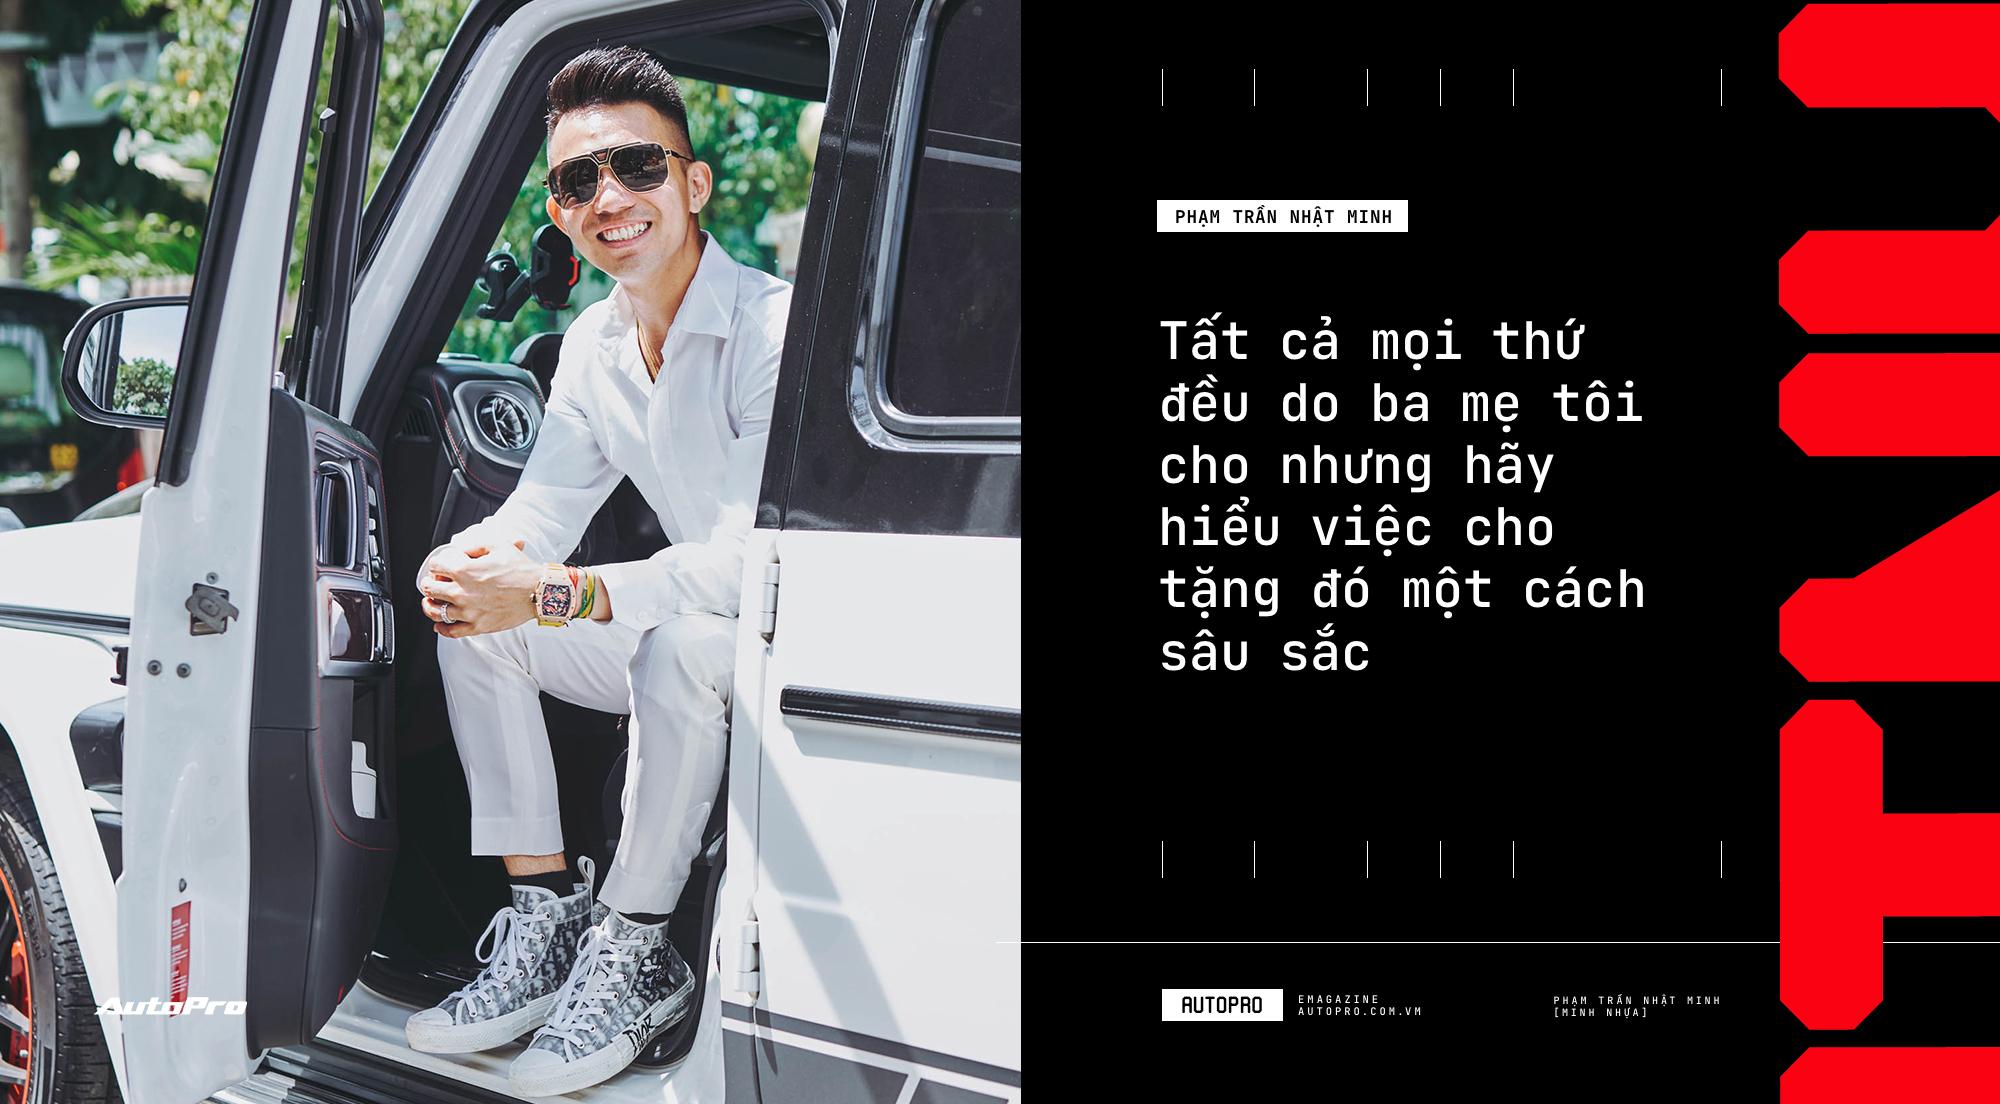 Doanh nhân Phạm Trần Nhật Minh: Tôi từng nhận lương 3 triệu/tháng, nhưng xe 10 tỷ đối với tôi giờ quá dễ dàng - Ảnh 19.